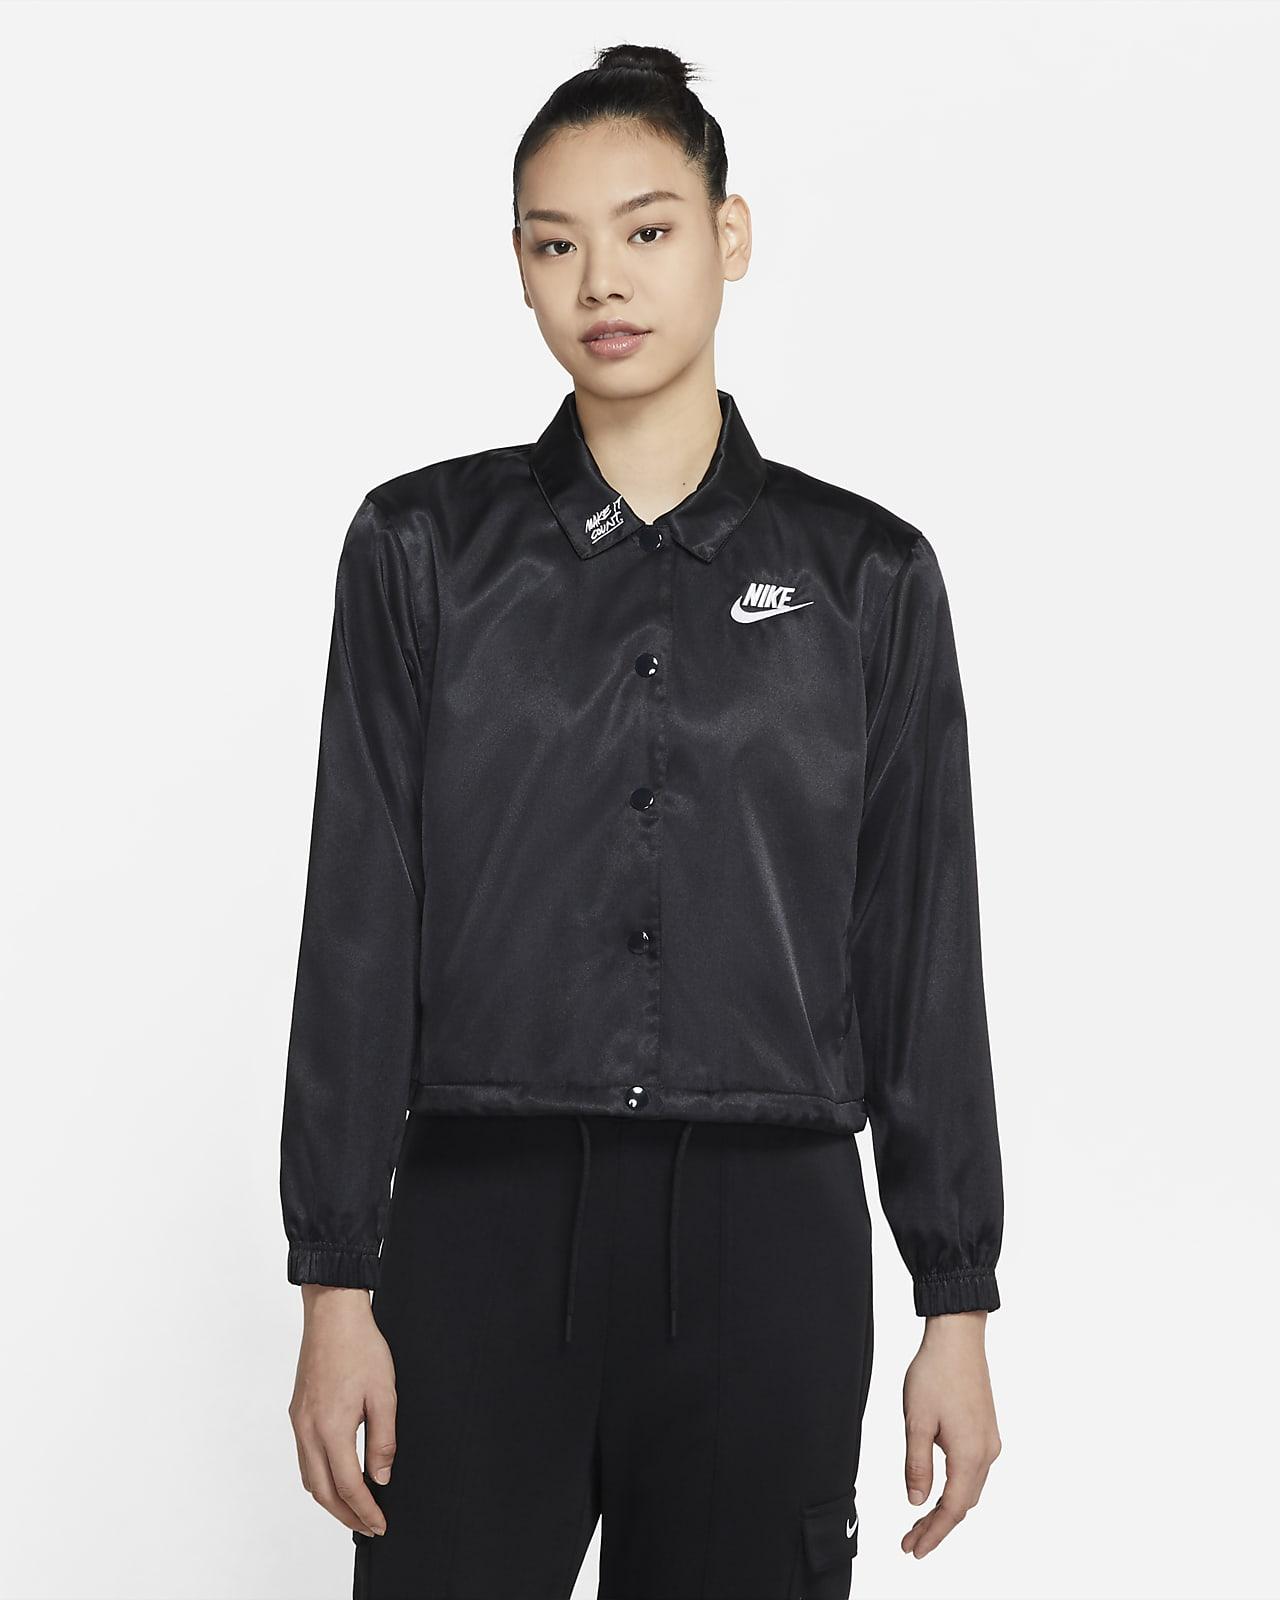 Nike Sportswear 女子缎面夹克